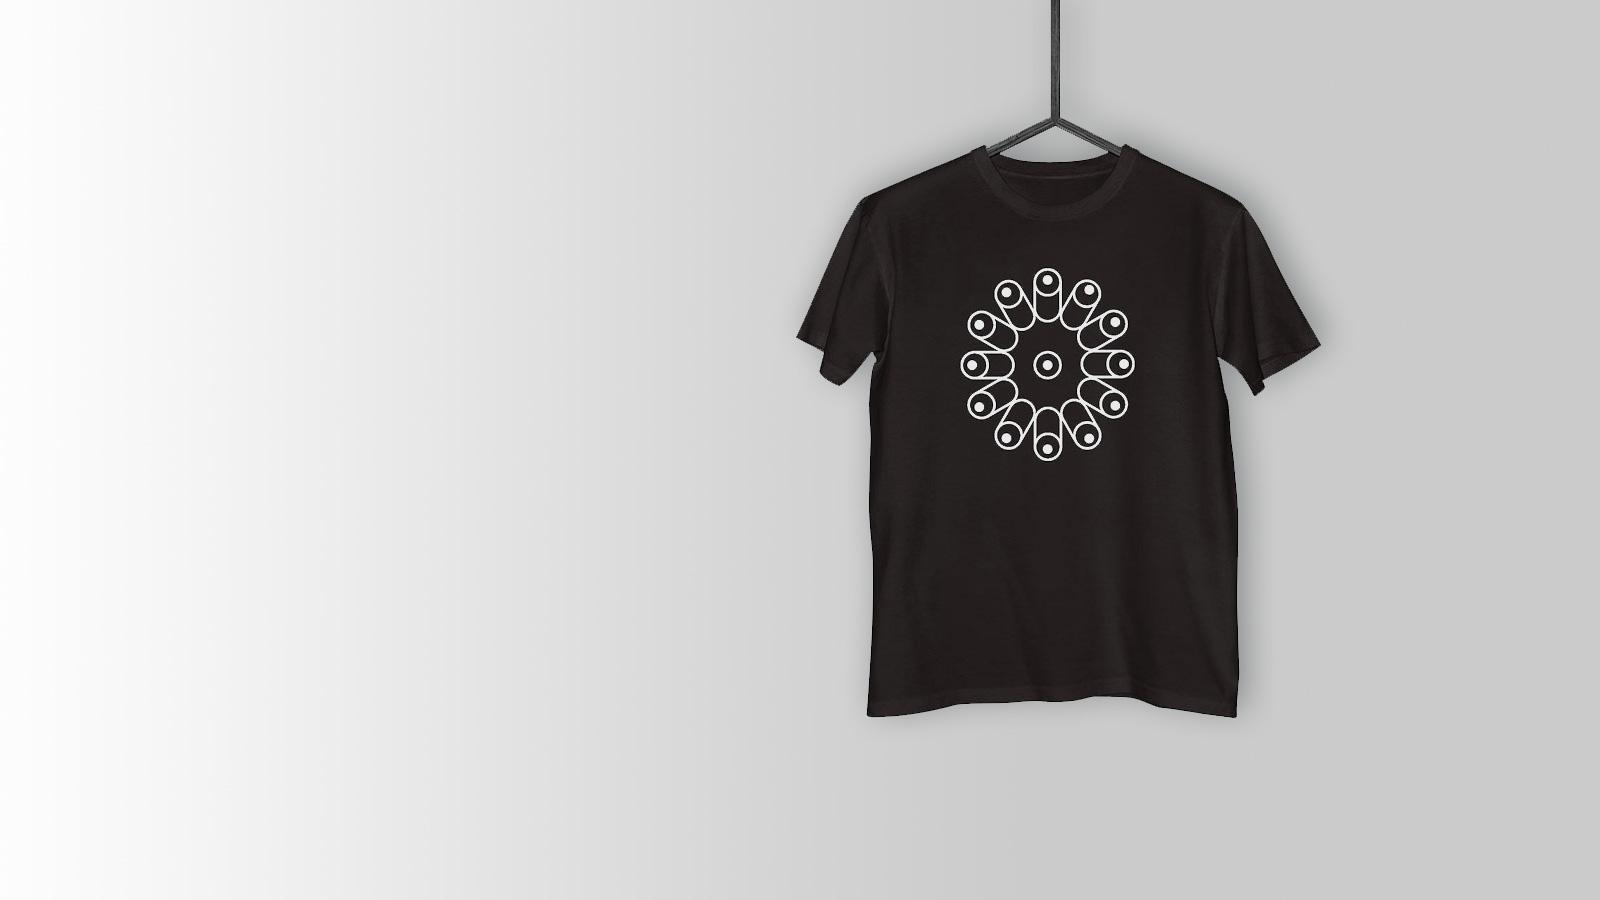 majice-t-shirt-1600×900